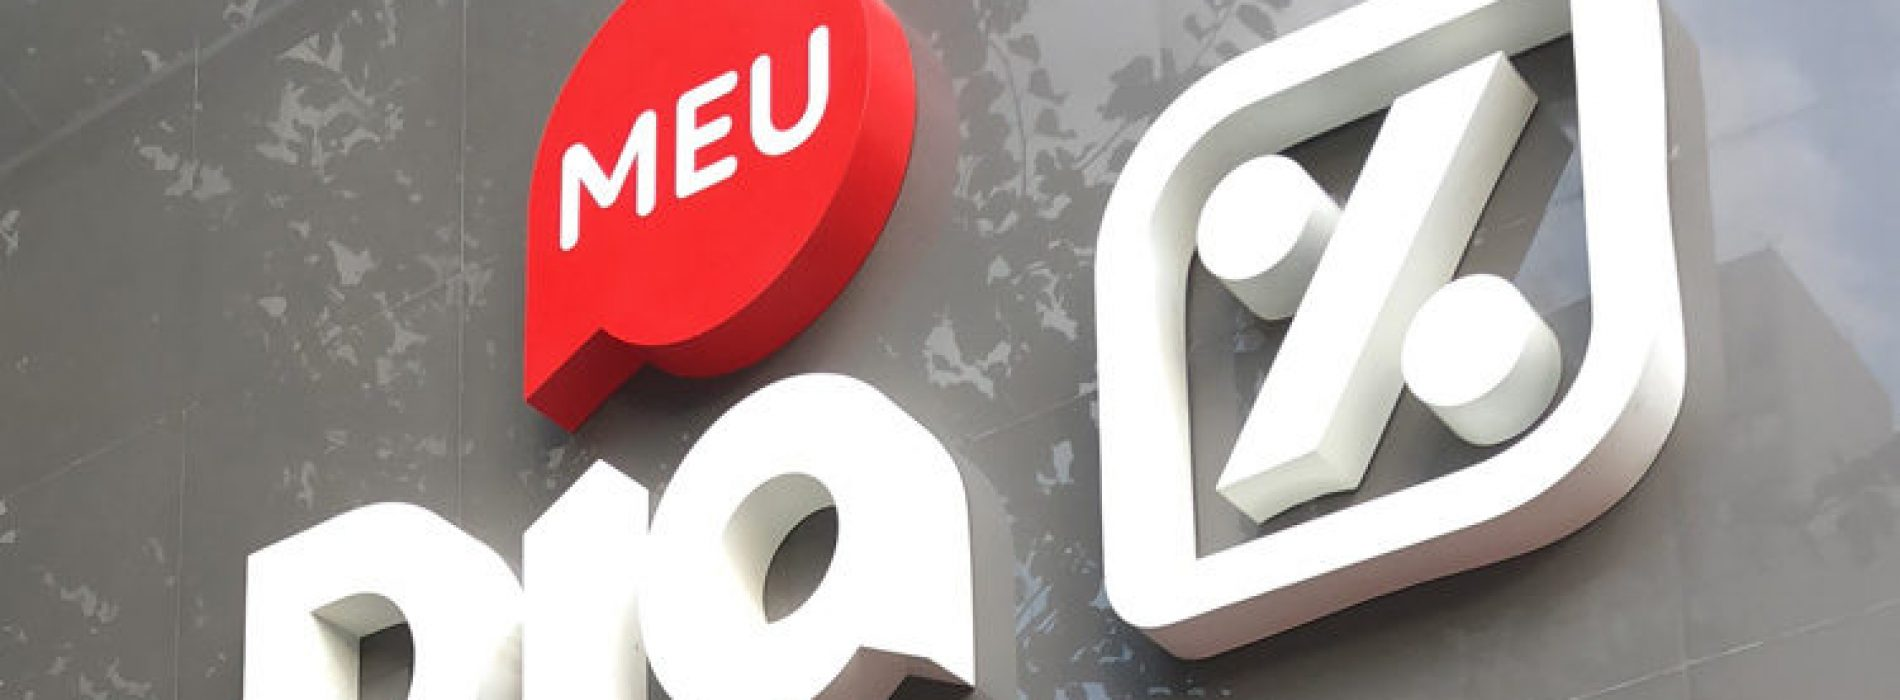 Rede DIA inaugura novo conceito de loja no Brasil